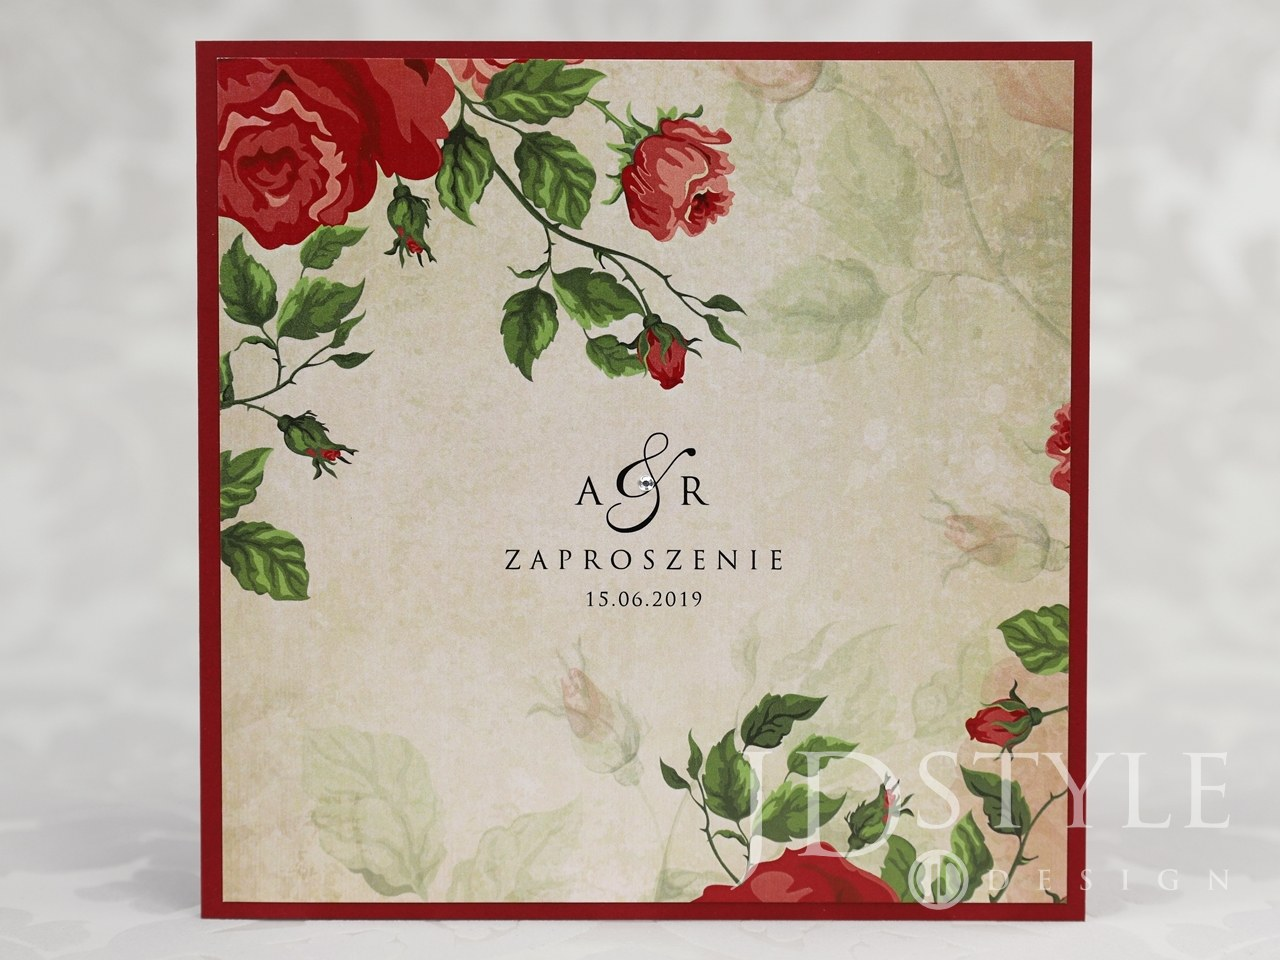 Zaproszenia ślubne Czerwone Róże Vintage Klejone Vi 54 Jdstyle